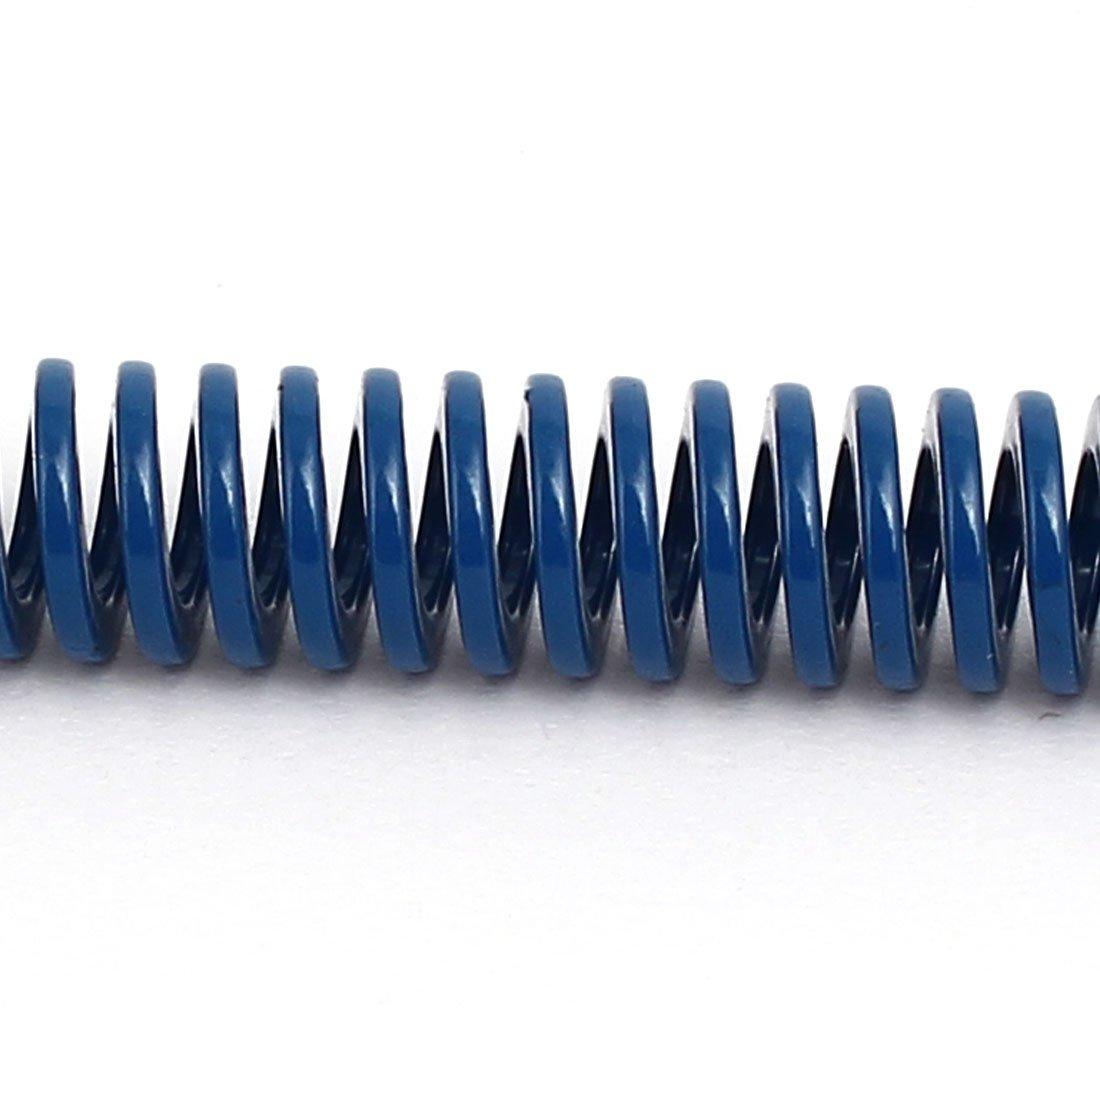 sourcing map 5Stk 8mm Aussendurchmesser 50mm L/änge Leicht Last Kompression Spiralfeder Blau de